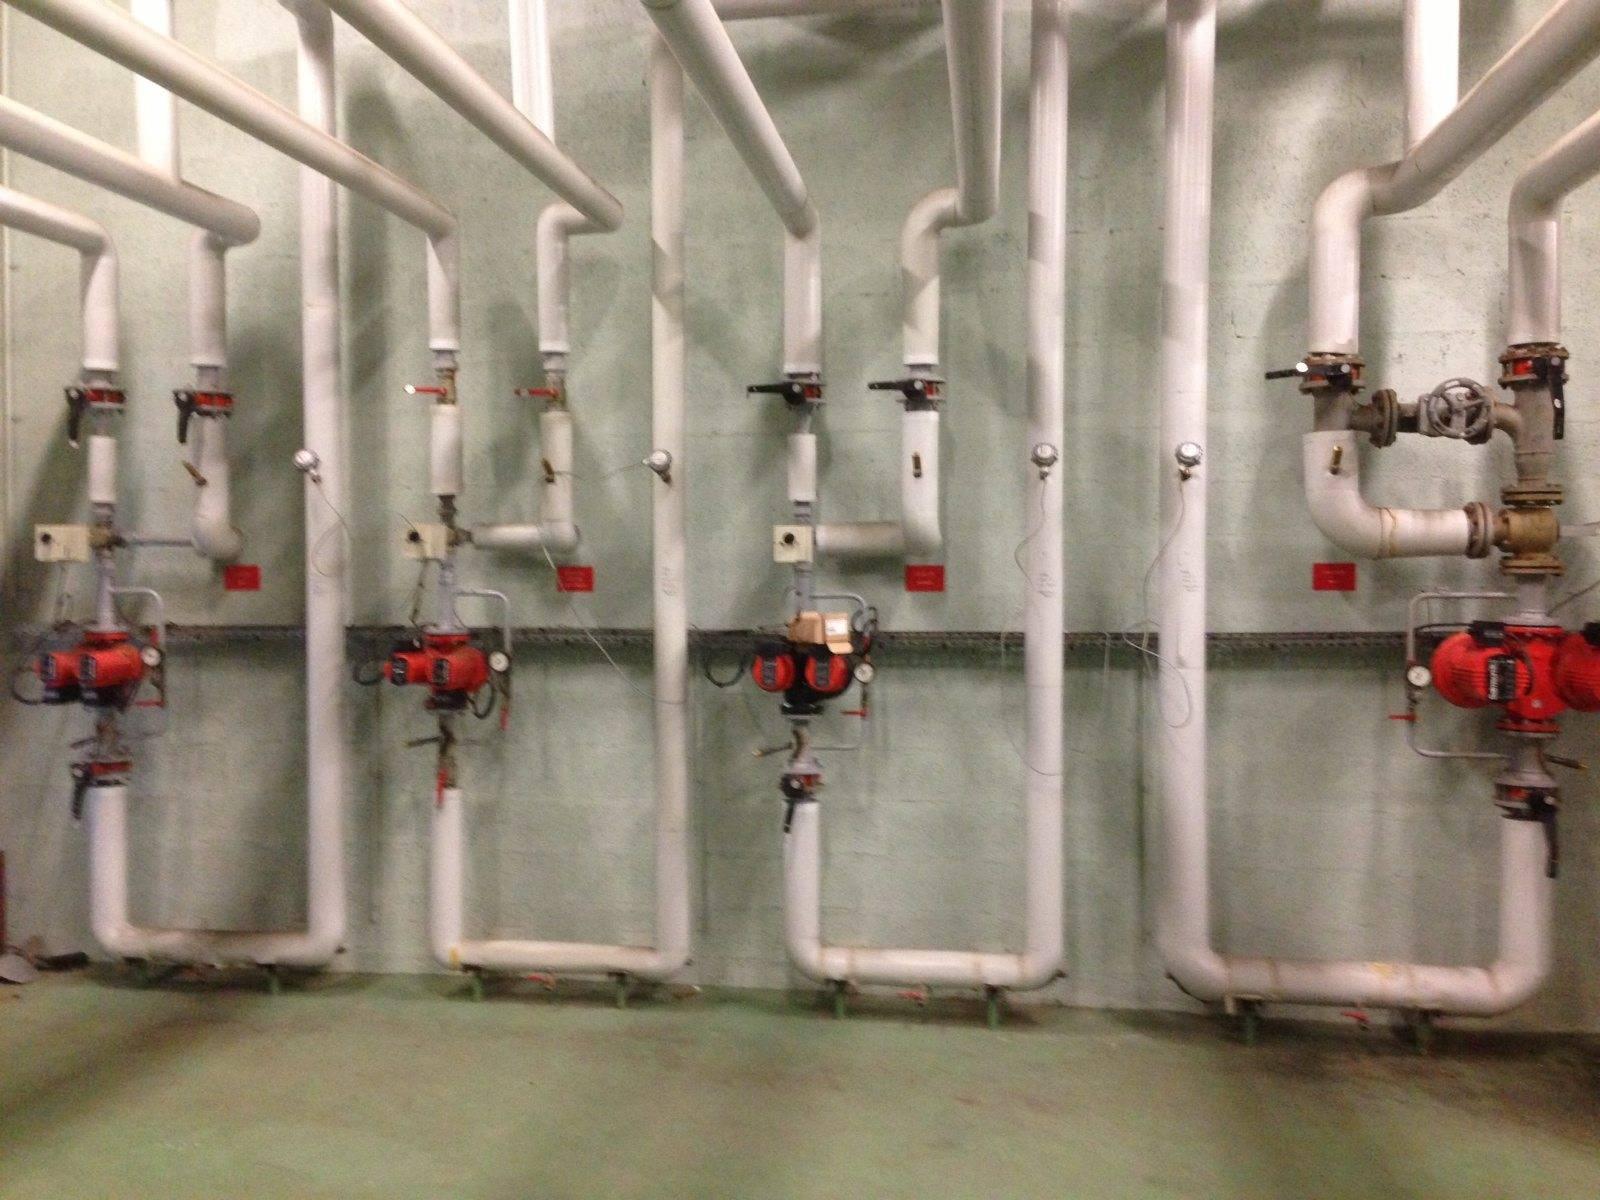 Промывка системы отопления - способы промывки и выполнение своими руками